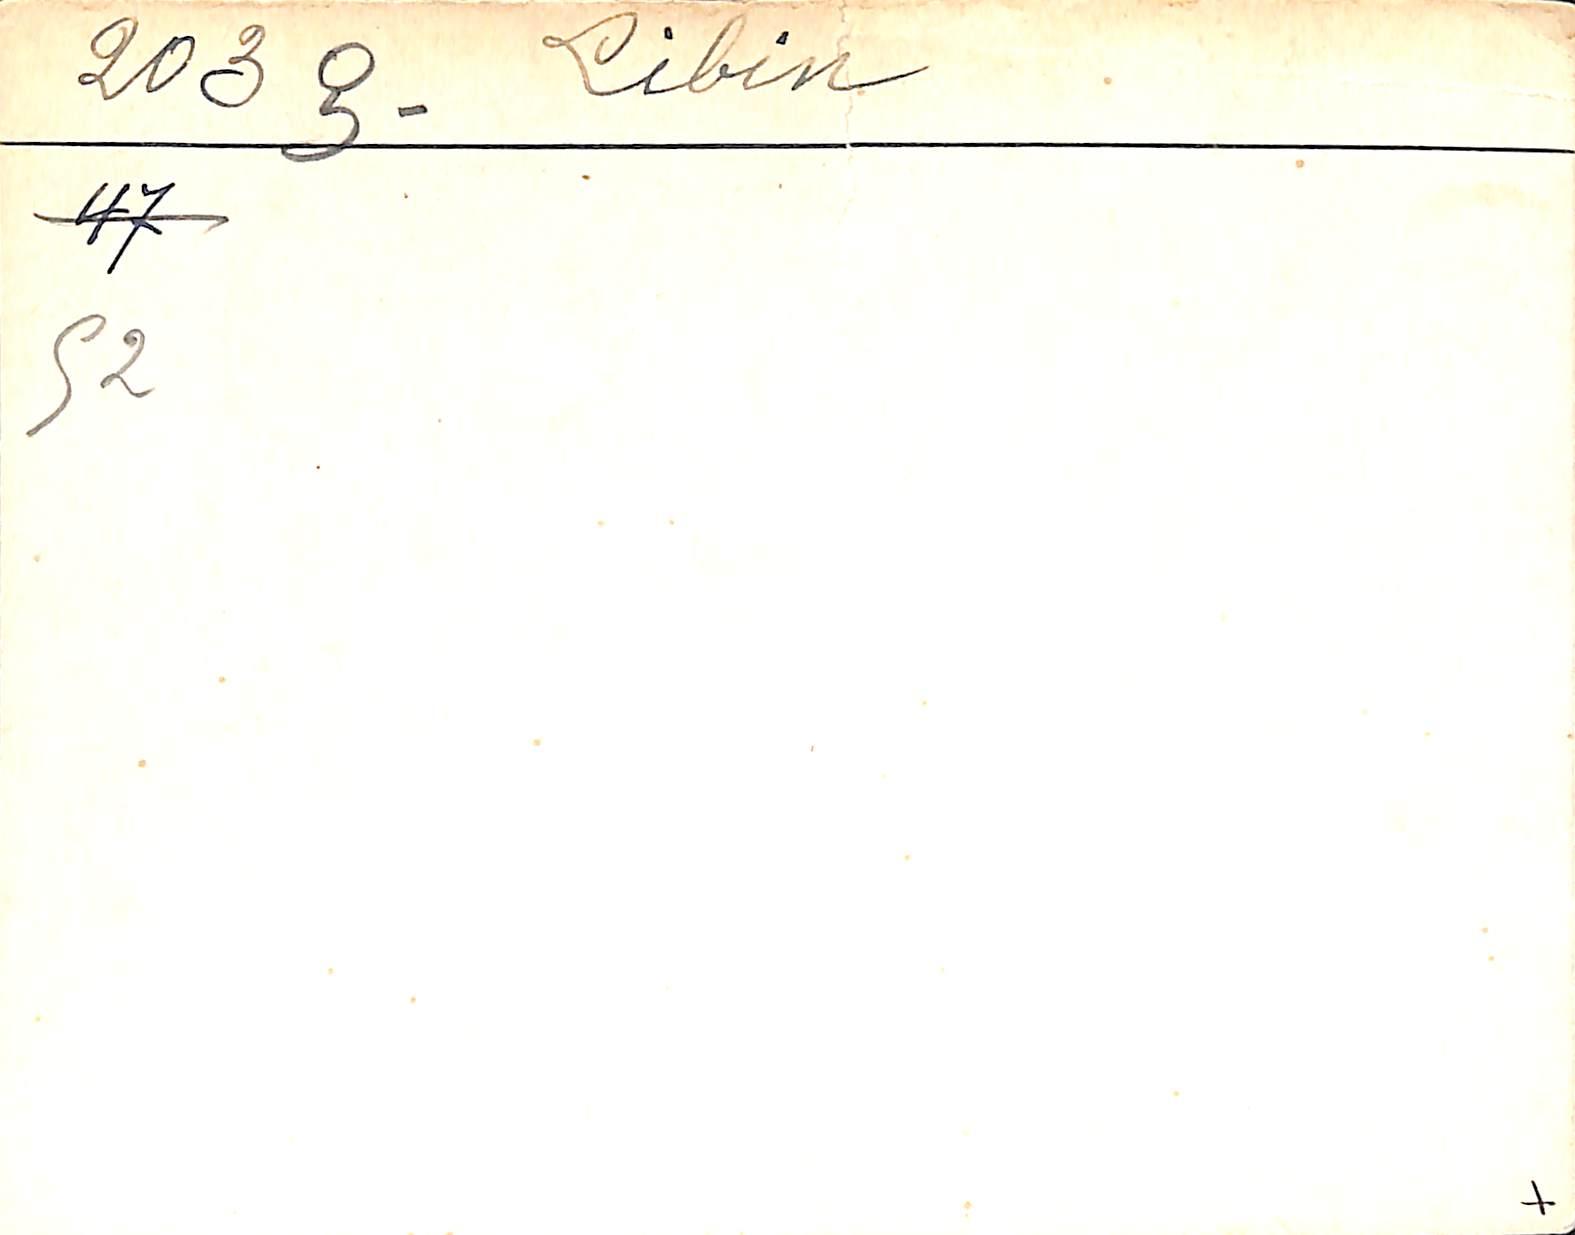 203W 47-52.jpg